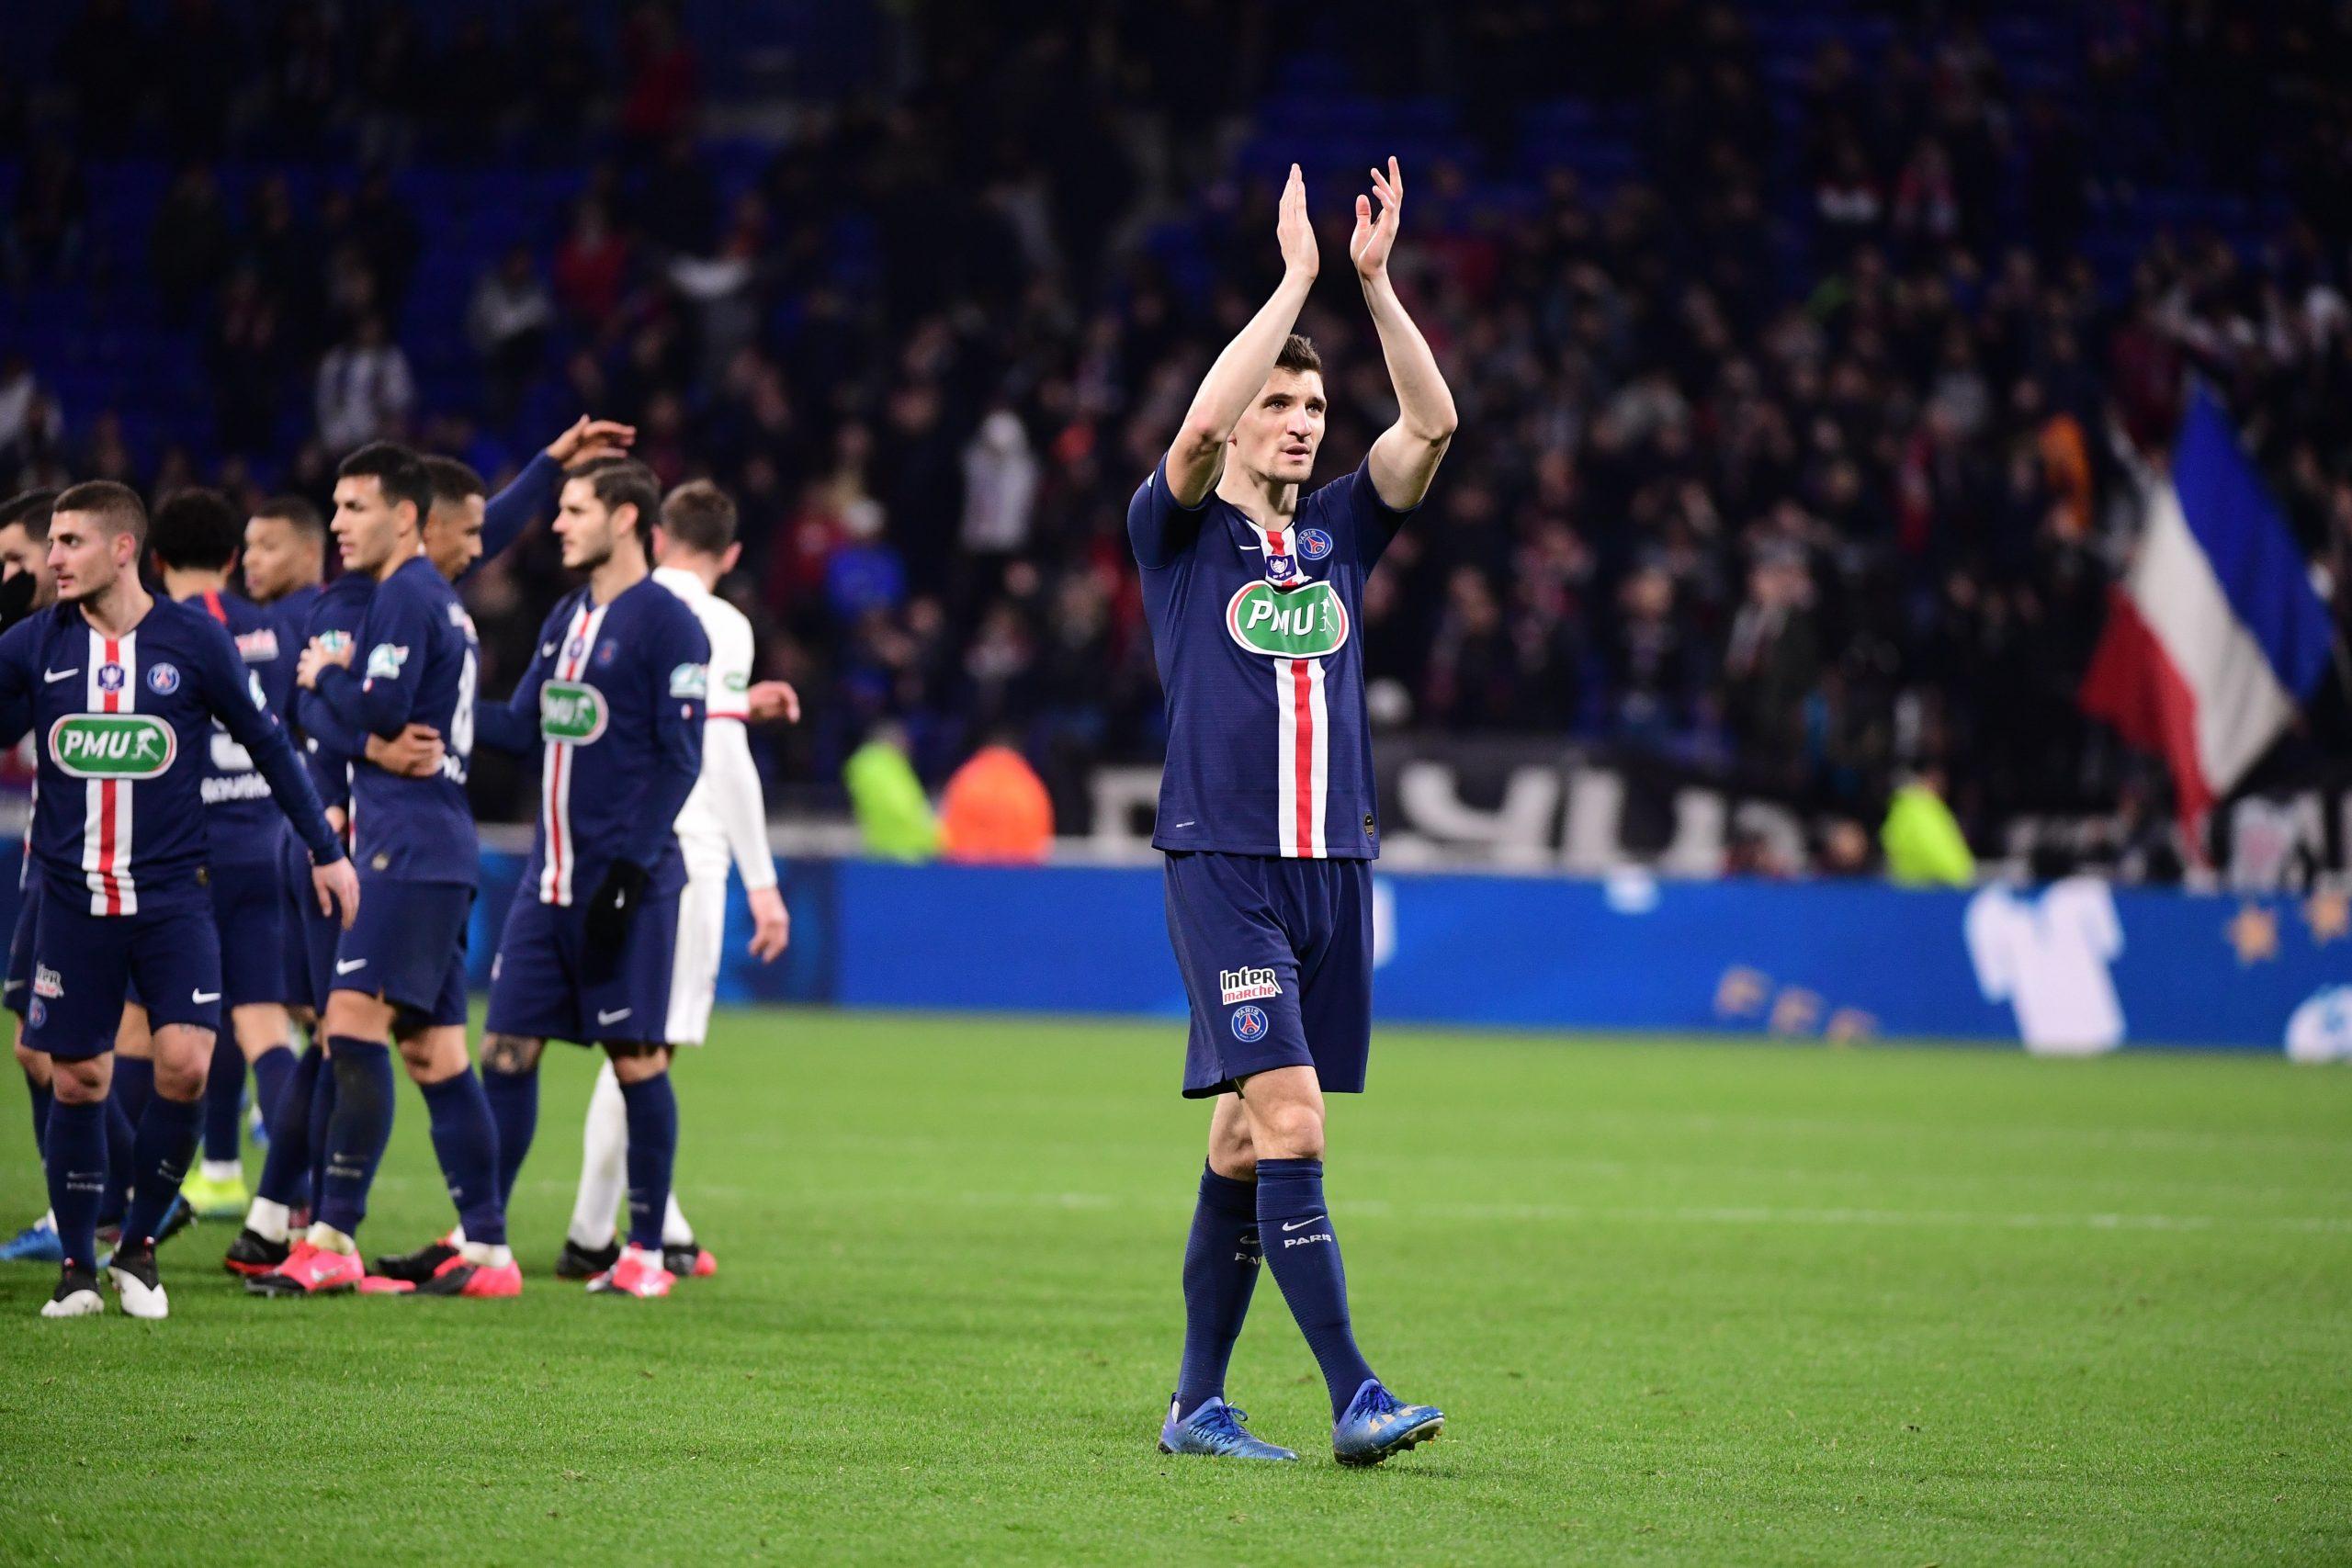 Mercato - Le Parisien confirme le départ de Meunier à Dortmund sans finir la saison au PSG